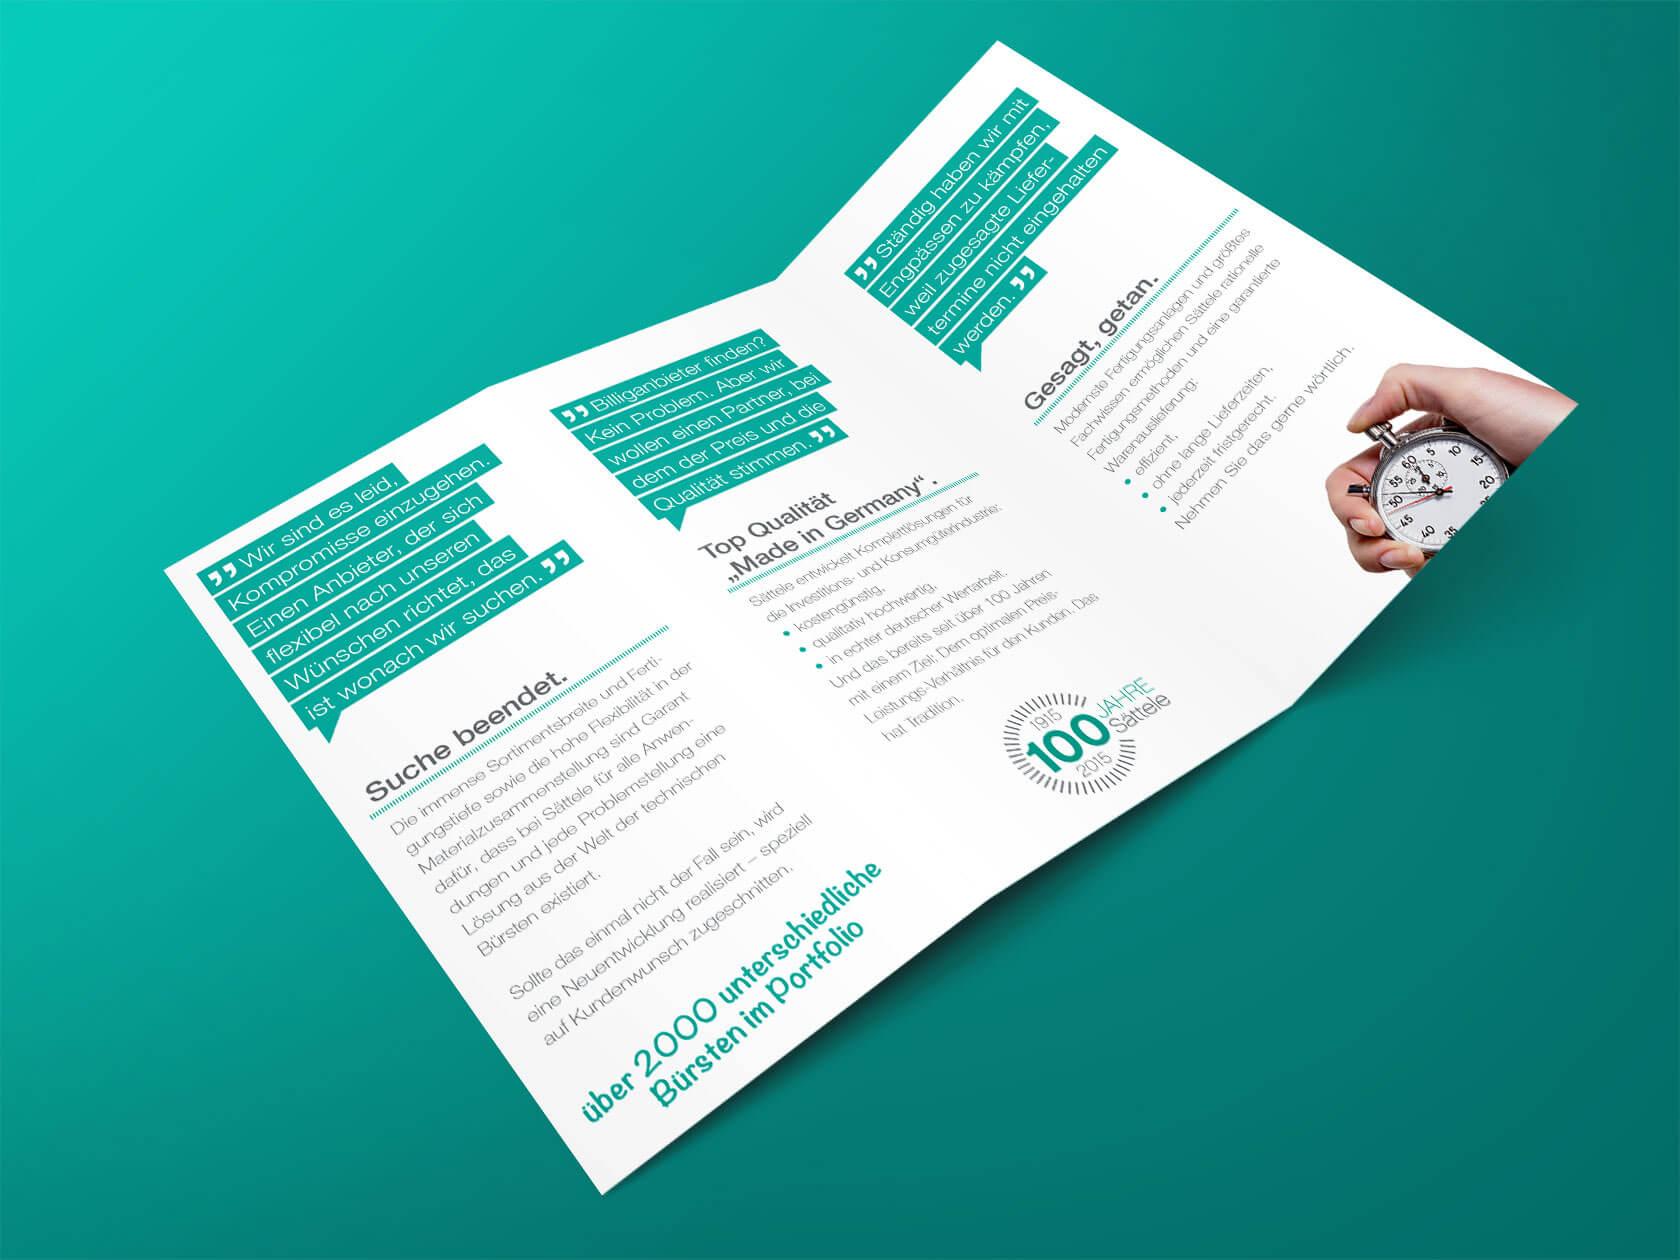 Sättele GmbH & Co. KG Flyer, Layout und Gestaltung